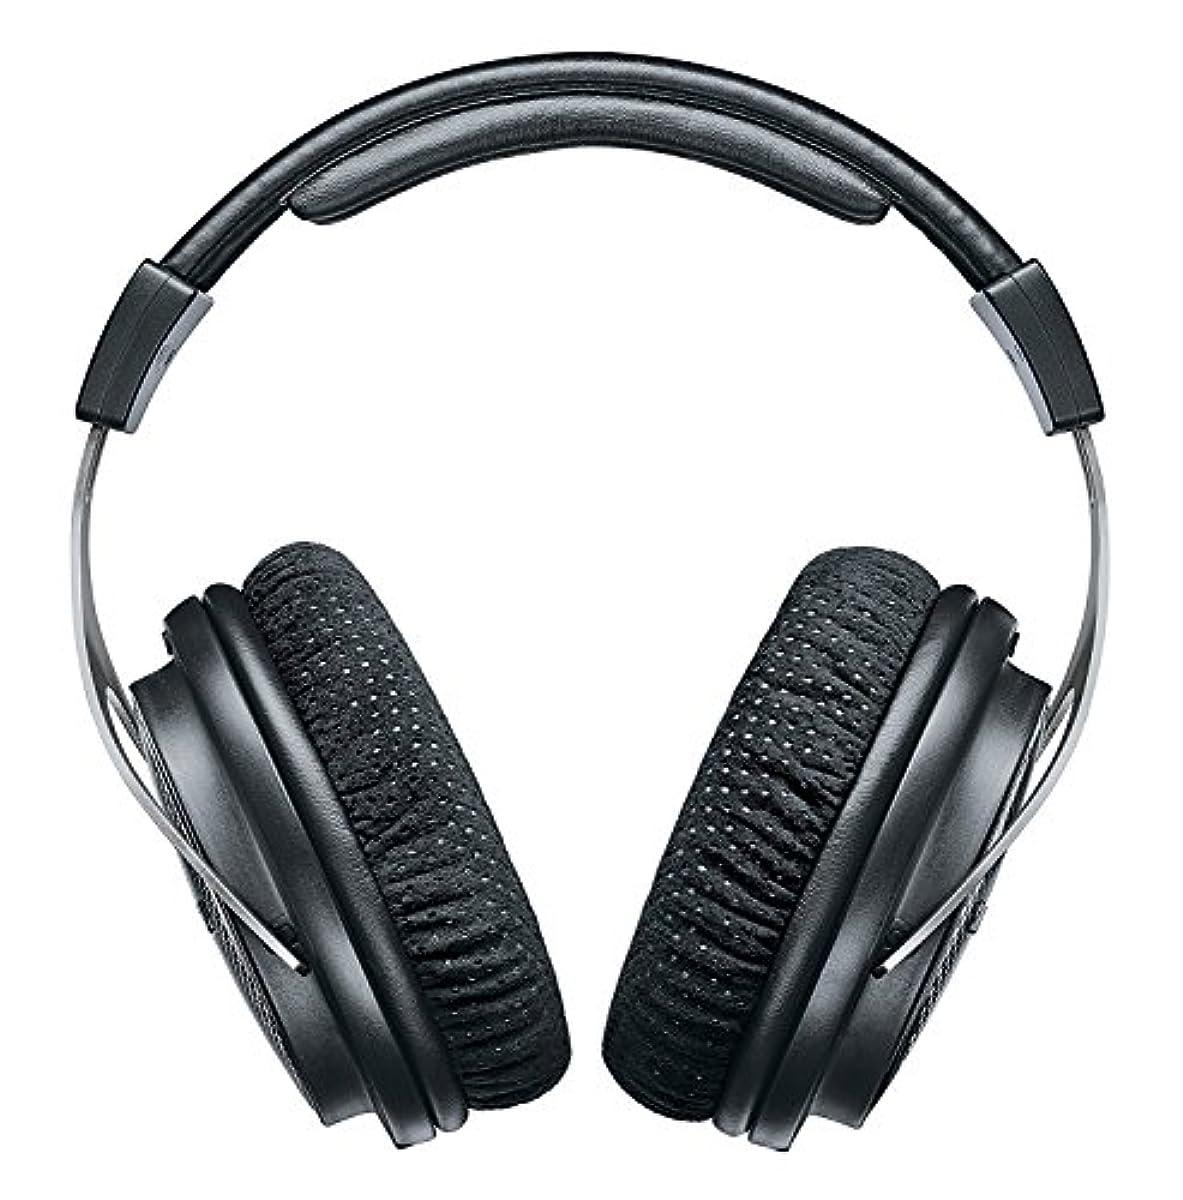 [해외] SHURE 밀폐형 헤드폰 스튜디오 SRH1540